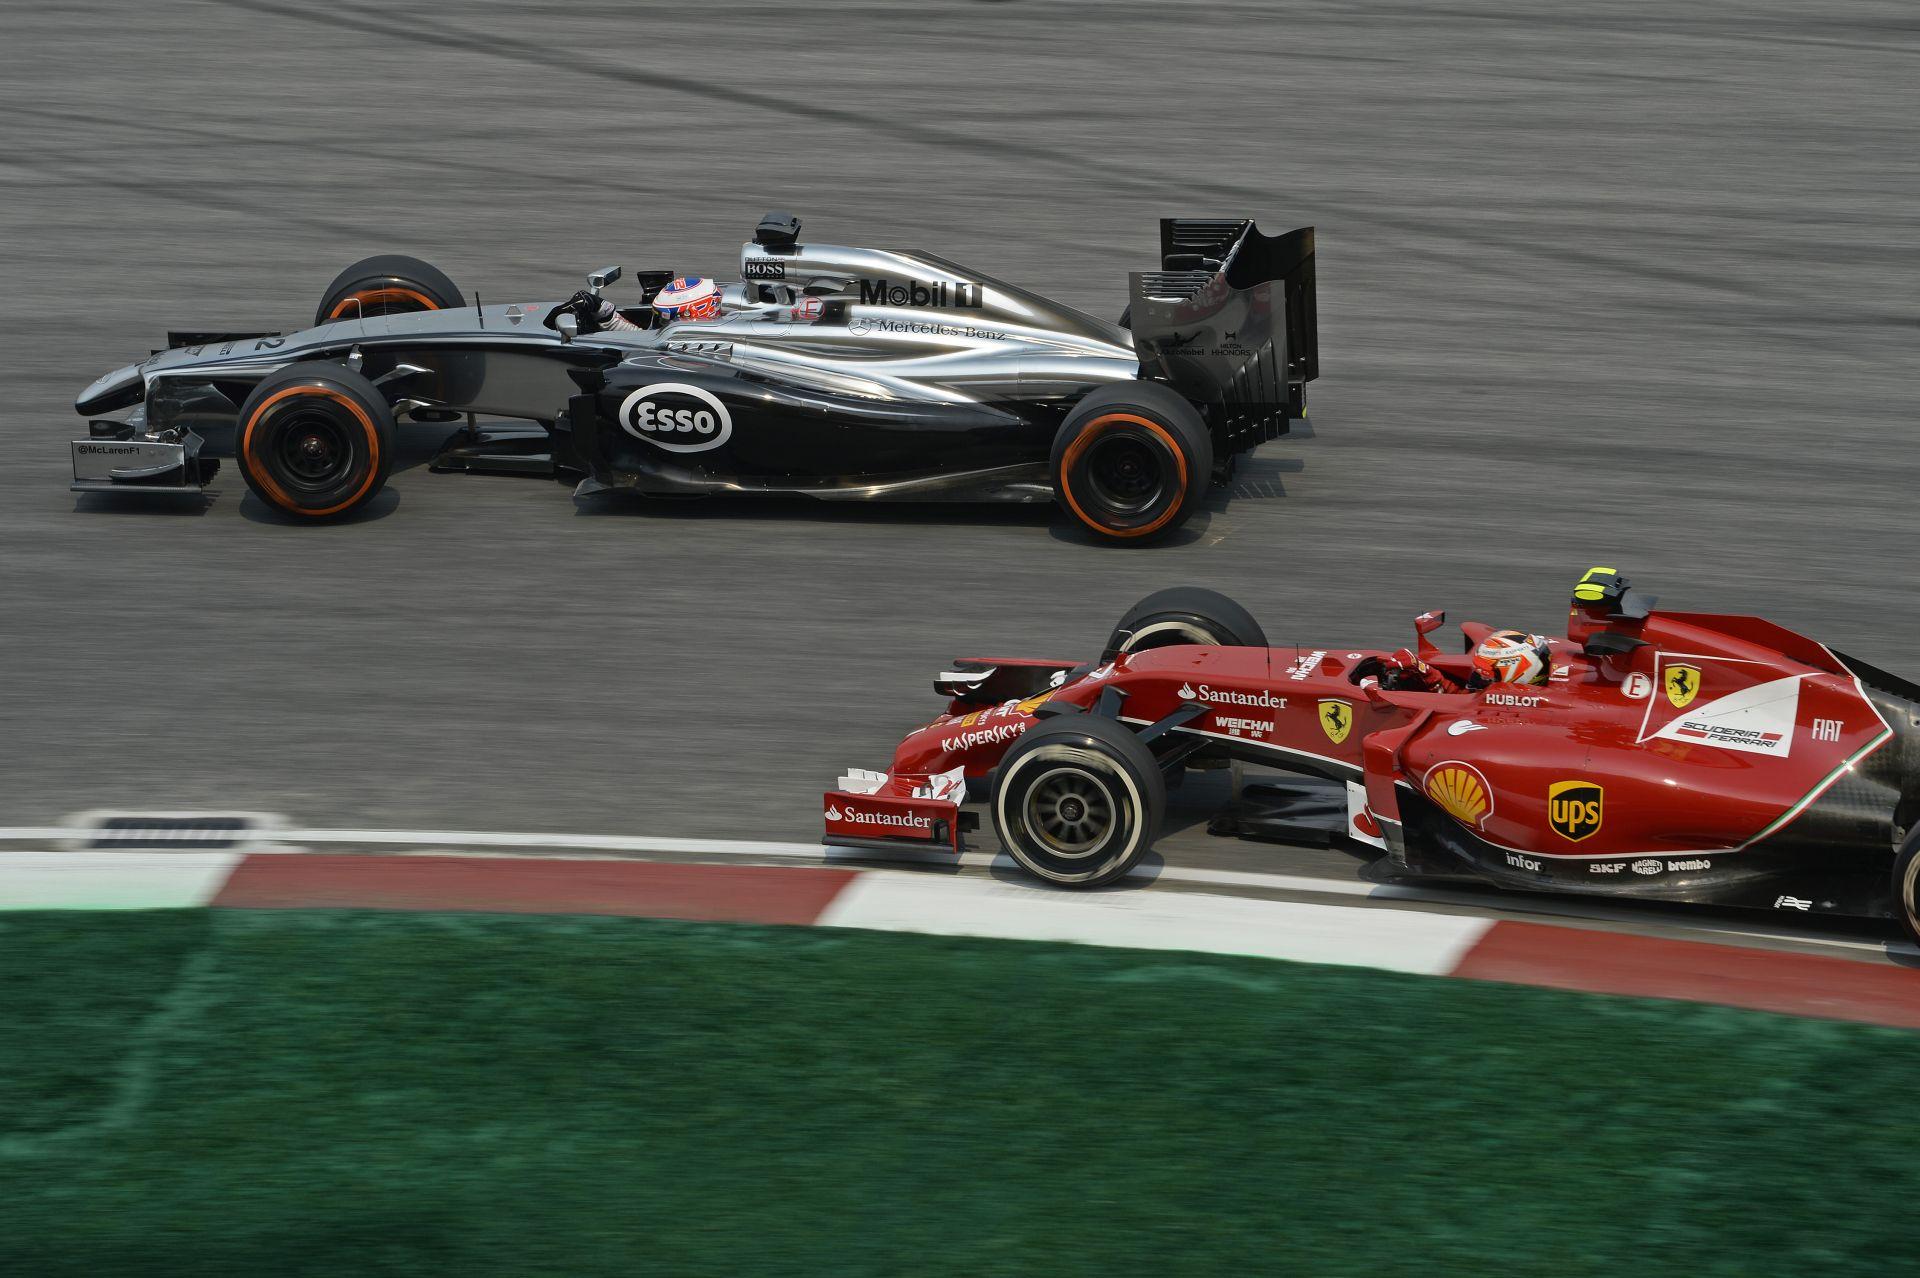 Prost: Szomorú látni azt, hogy a Ferrari és a McLaren szenved